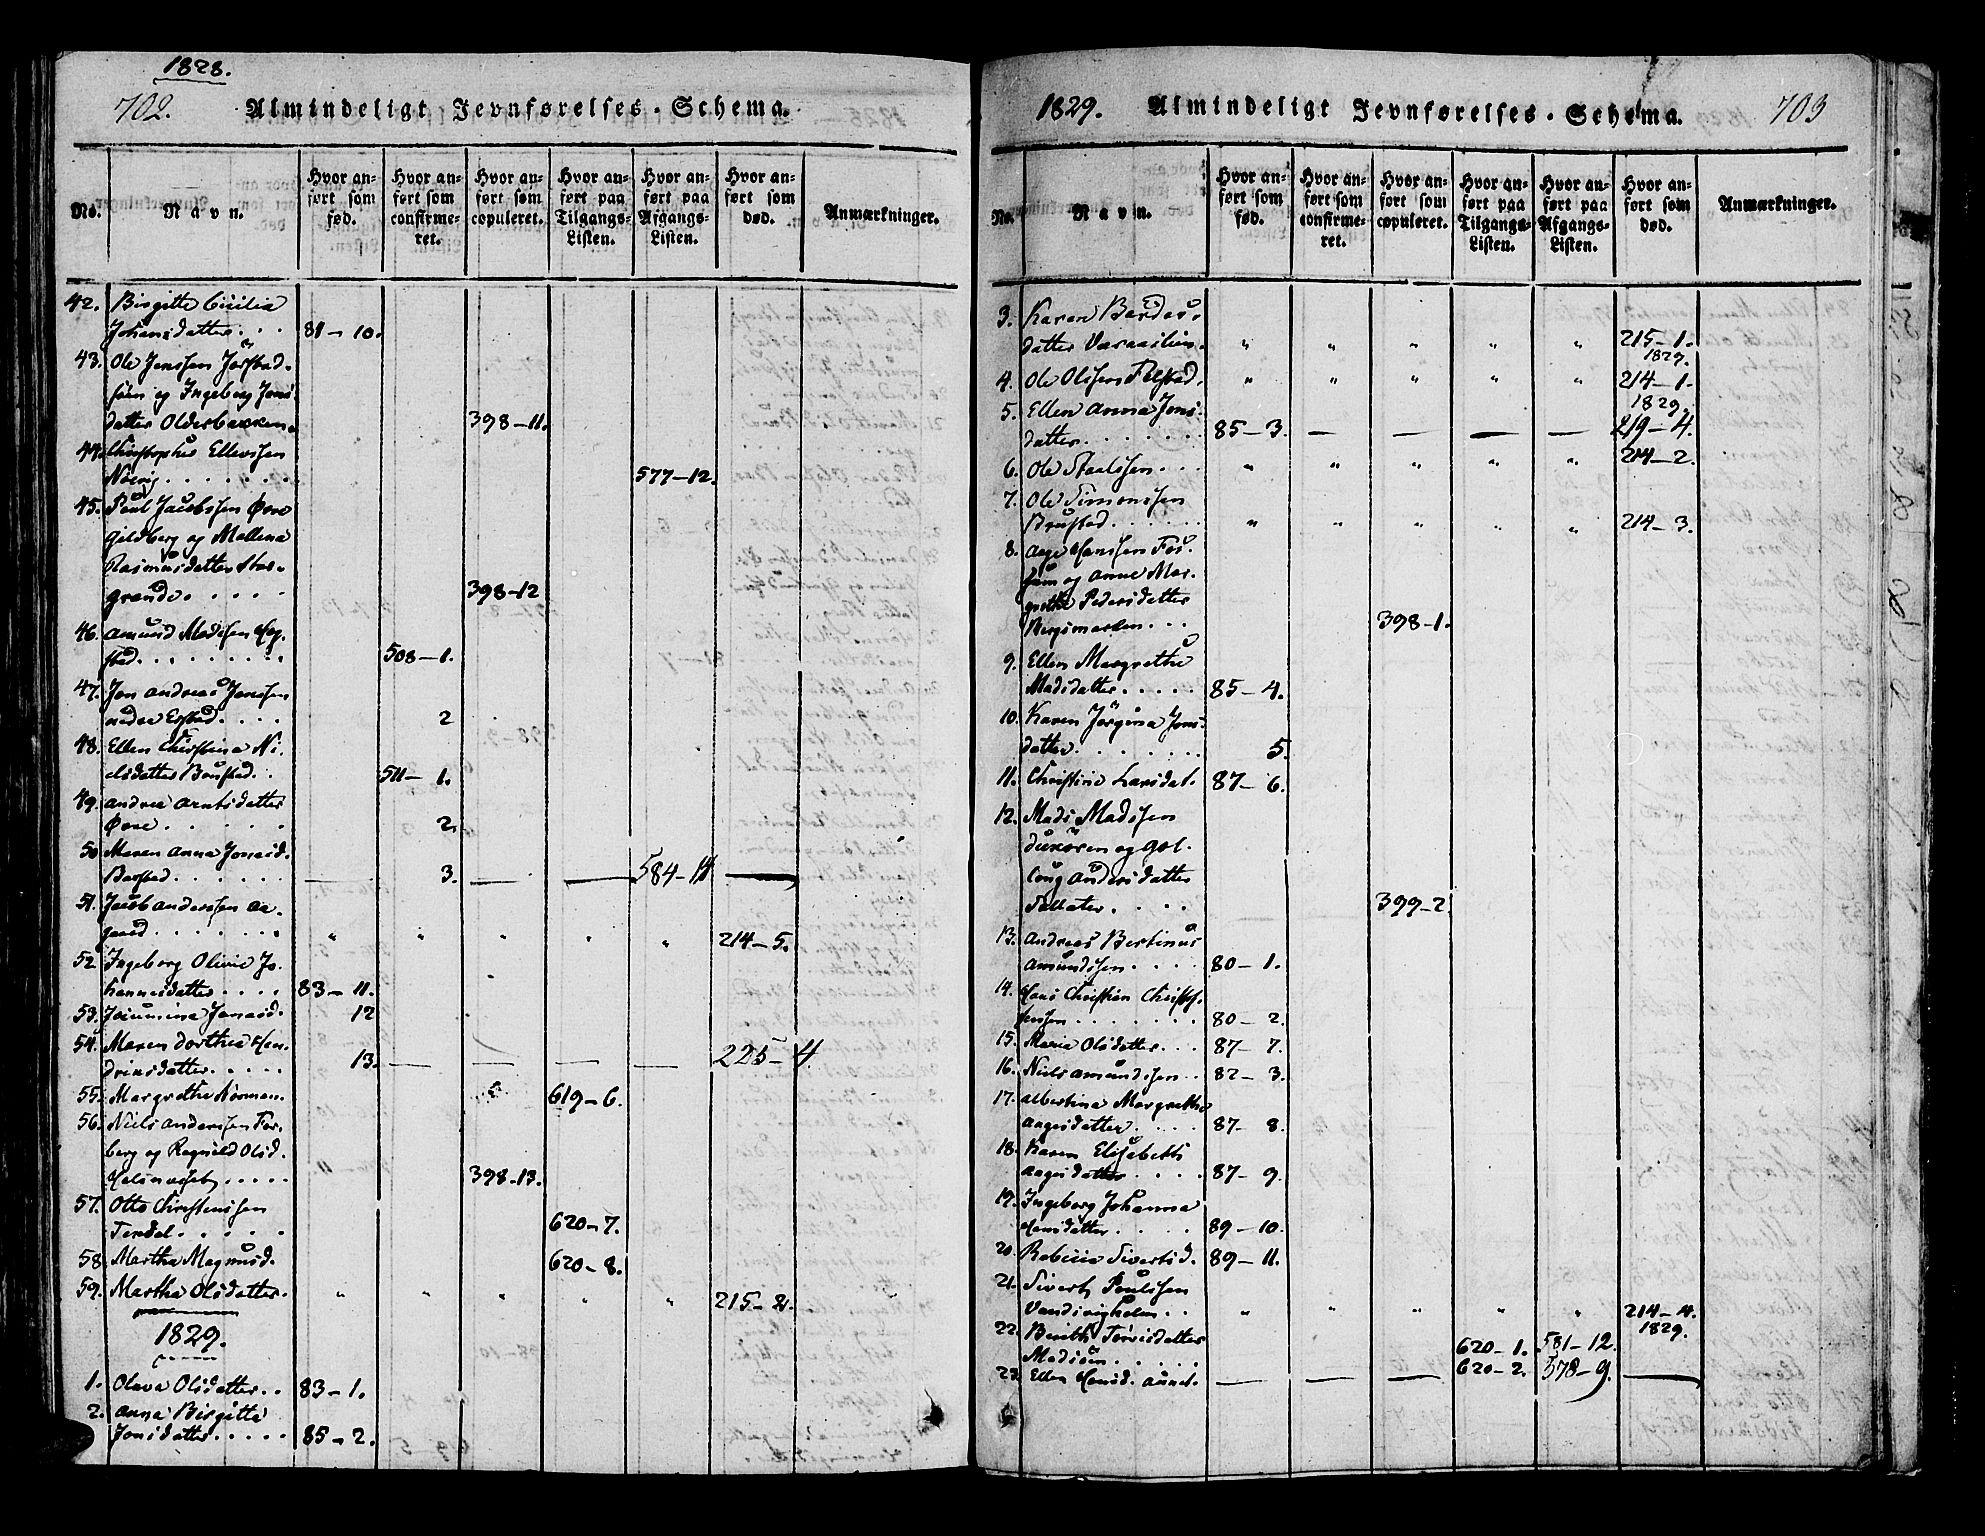 SAT, Ministerialprotokoller, klokkerbøker og fødselsregistre - Nord-Trøndelag, 722/L0217: Ministerialbok nr. 722A04, 1817-1842, s. 702-703